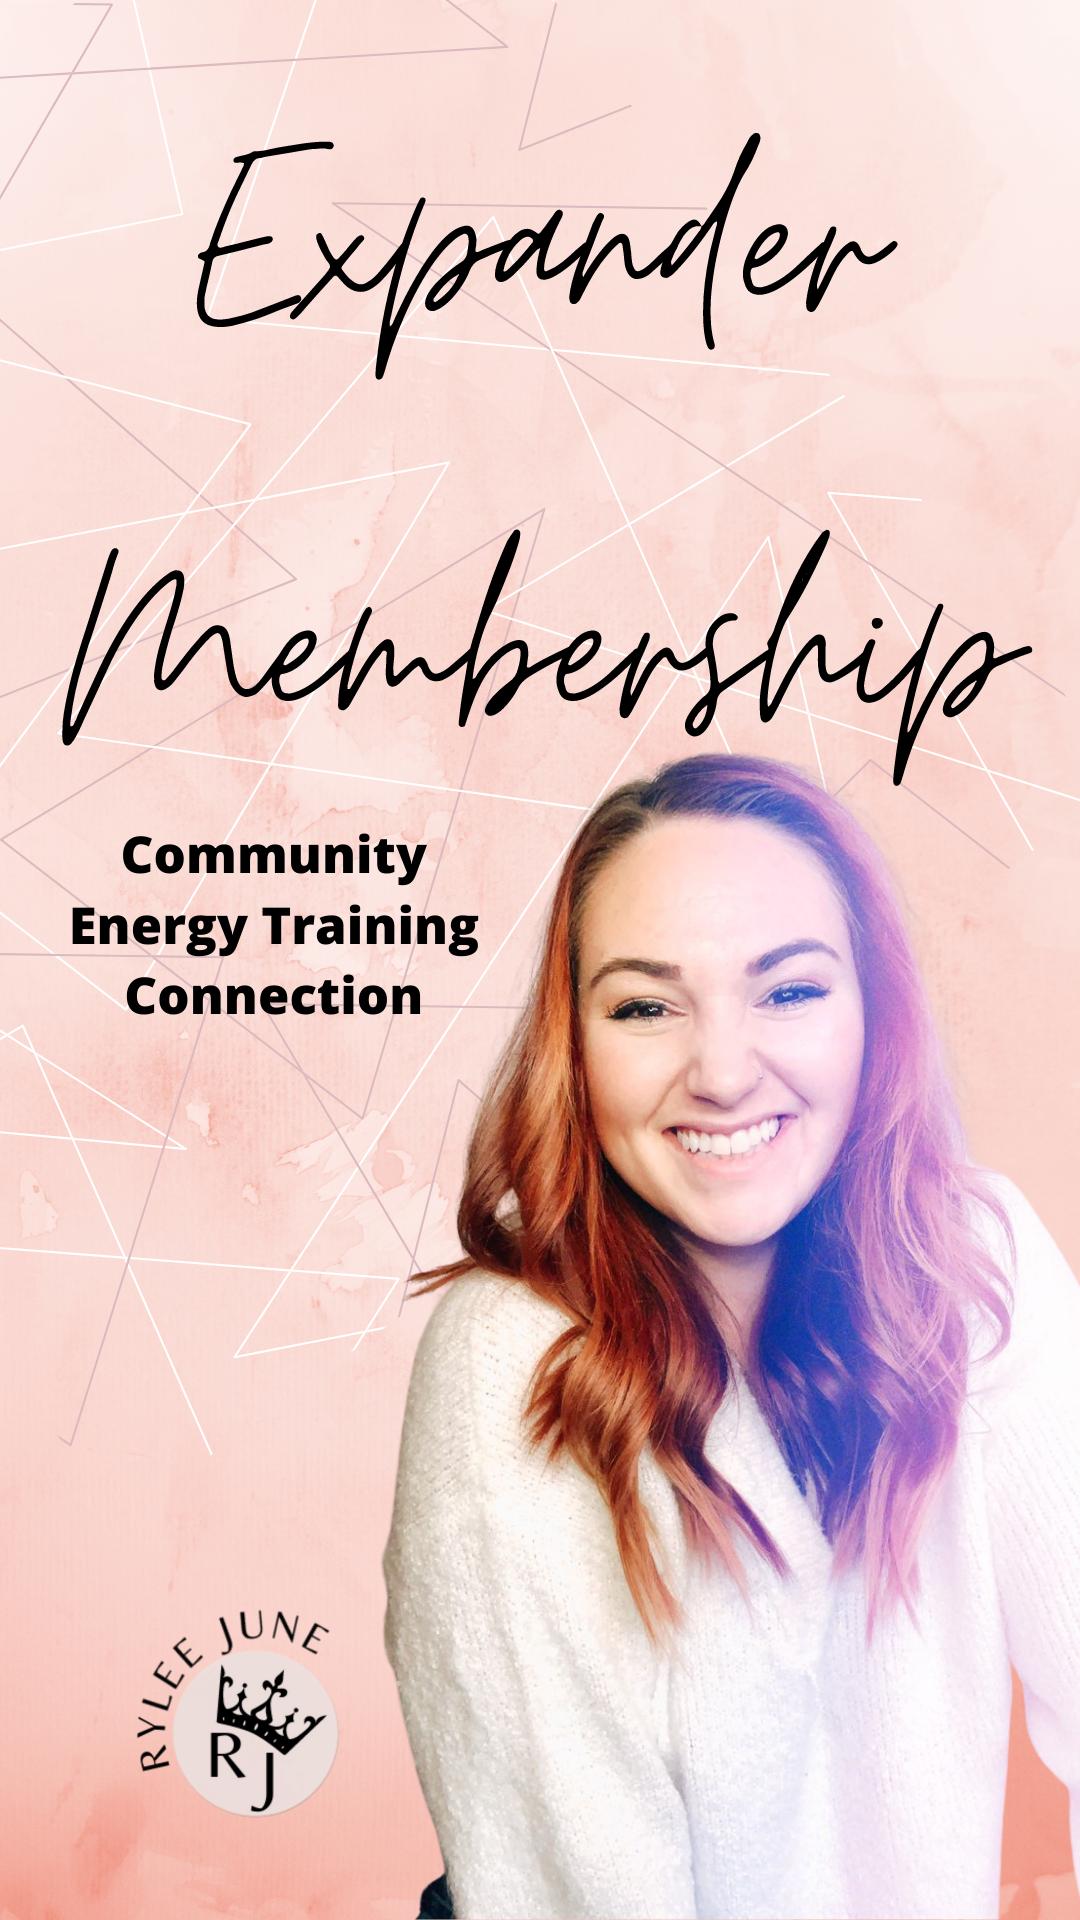 Expansion Membership